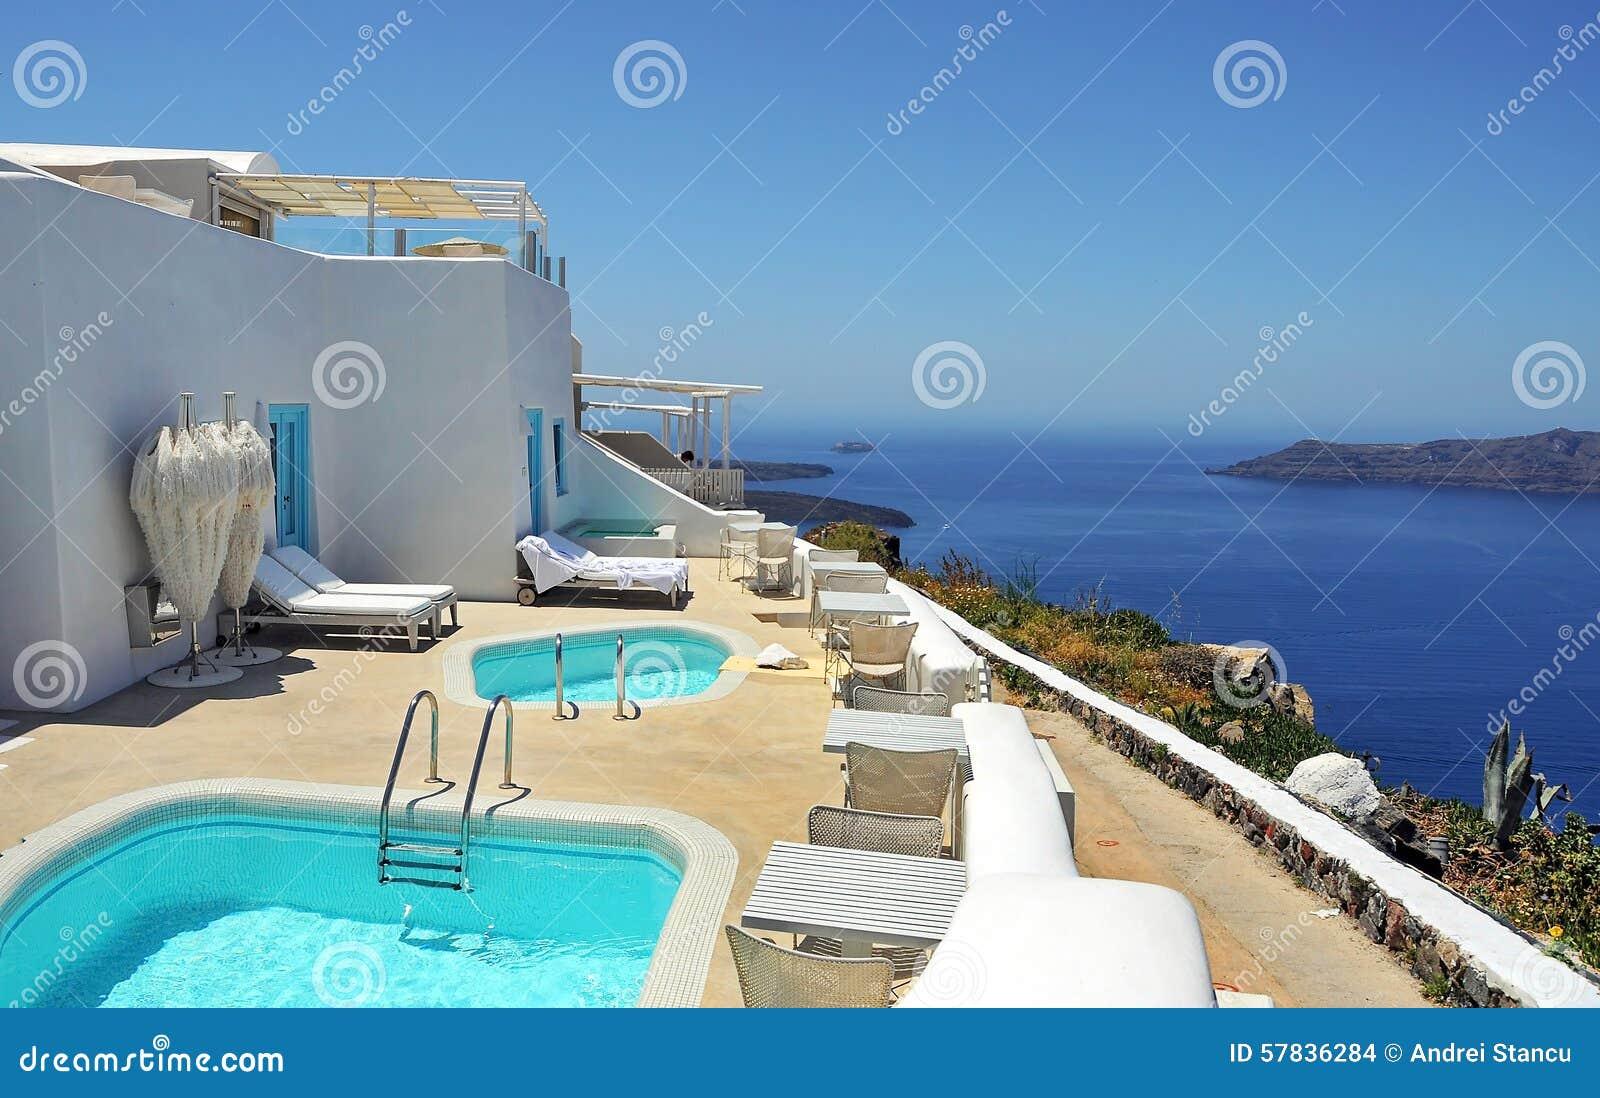 Località Di Soggiorno In Santorini Fotografia Stock - Immagine di ...